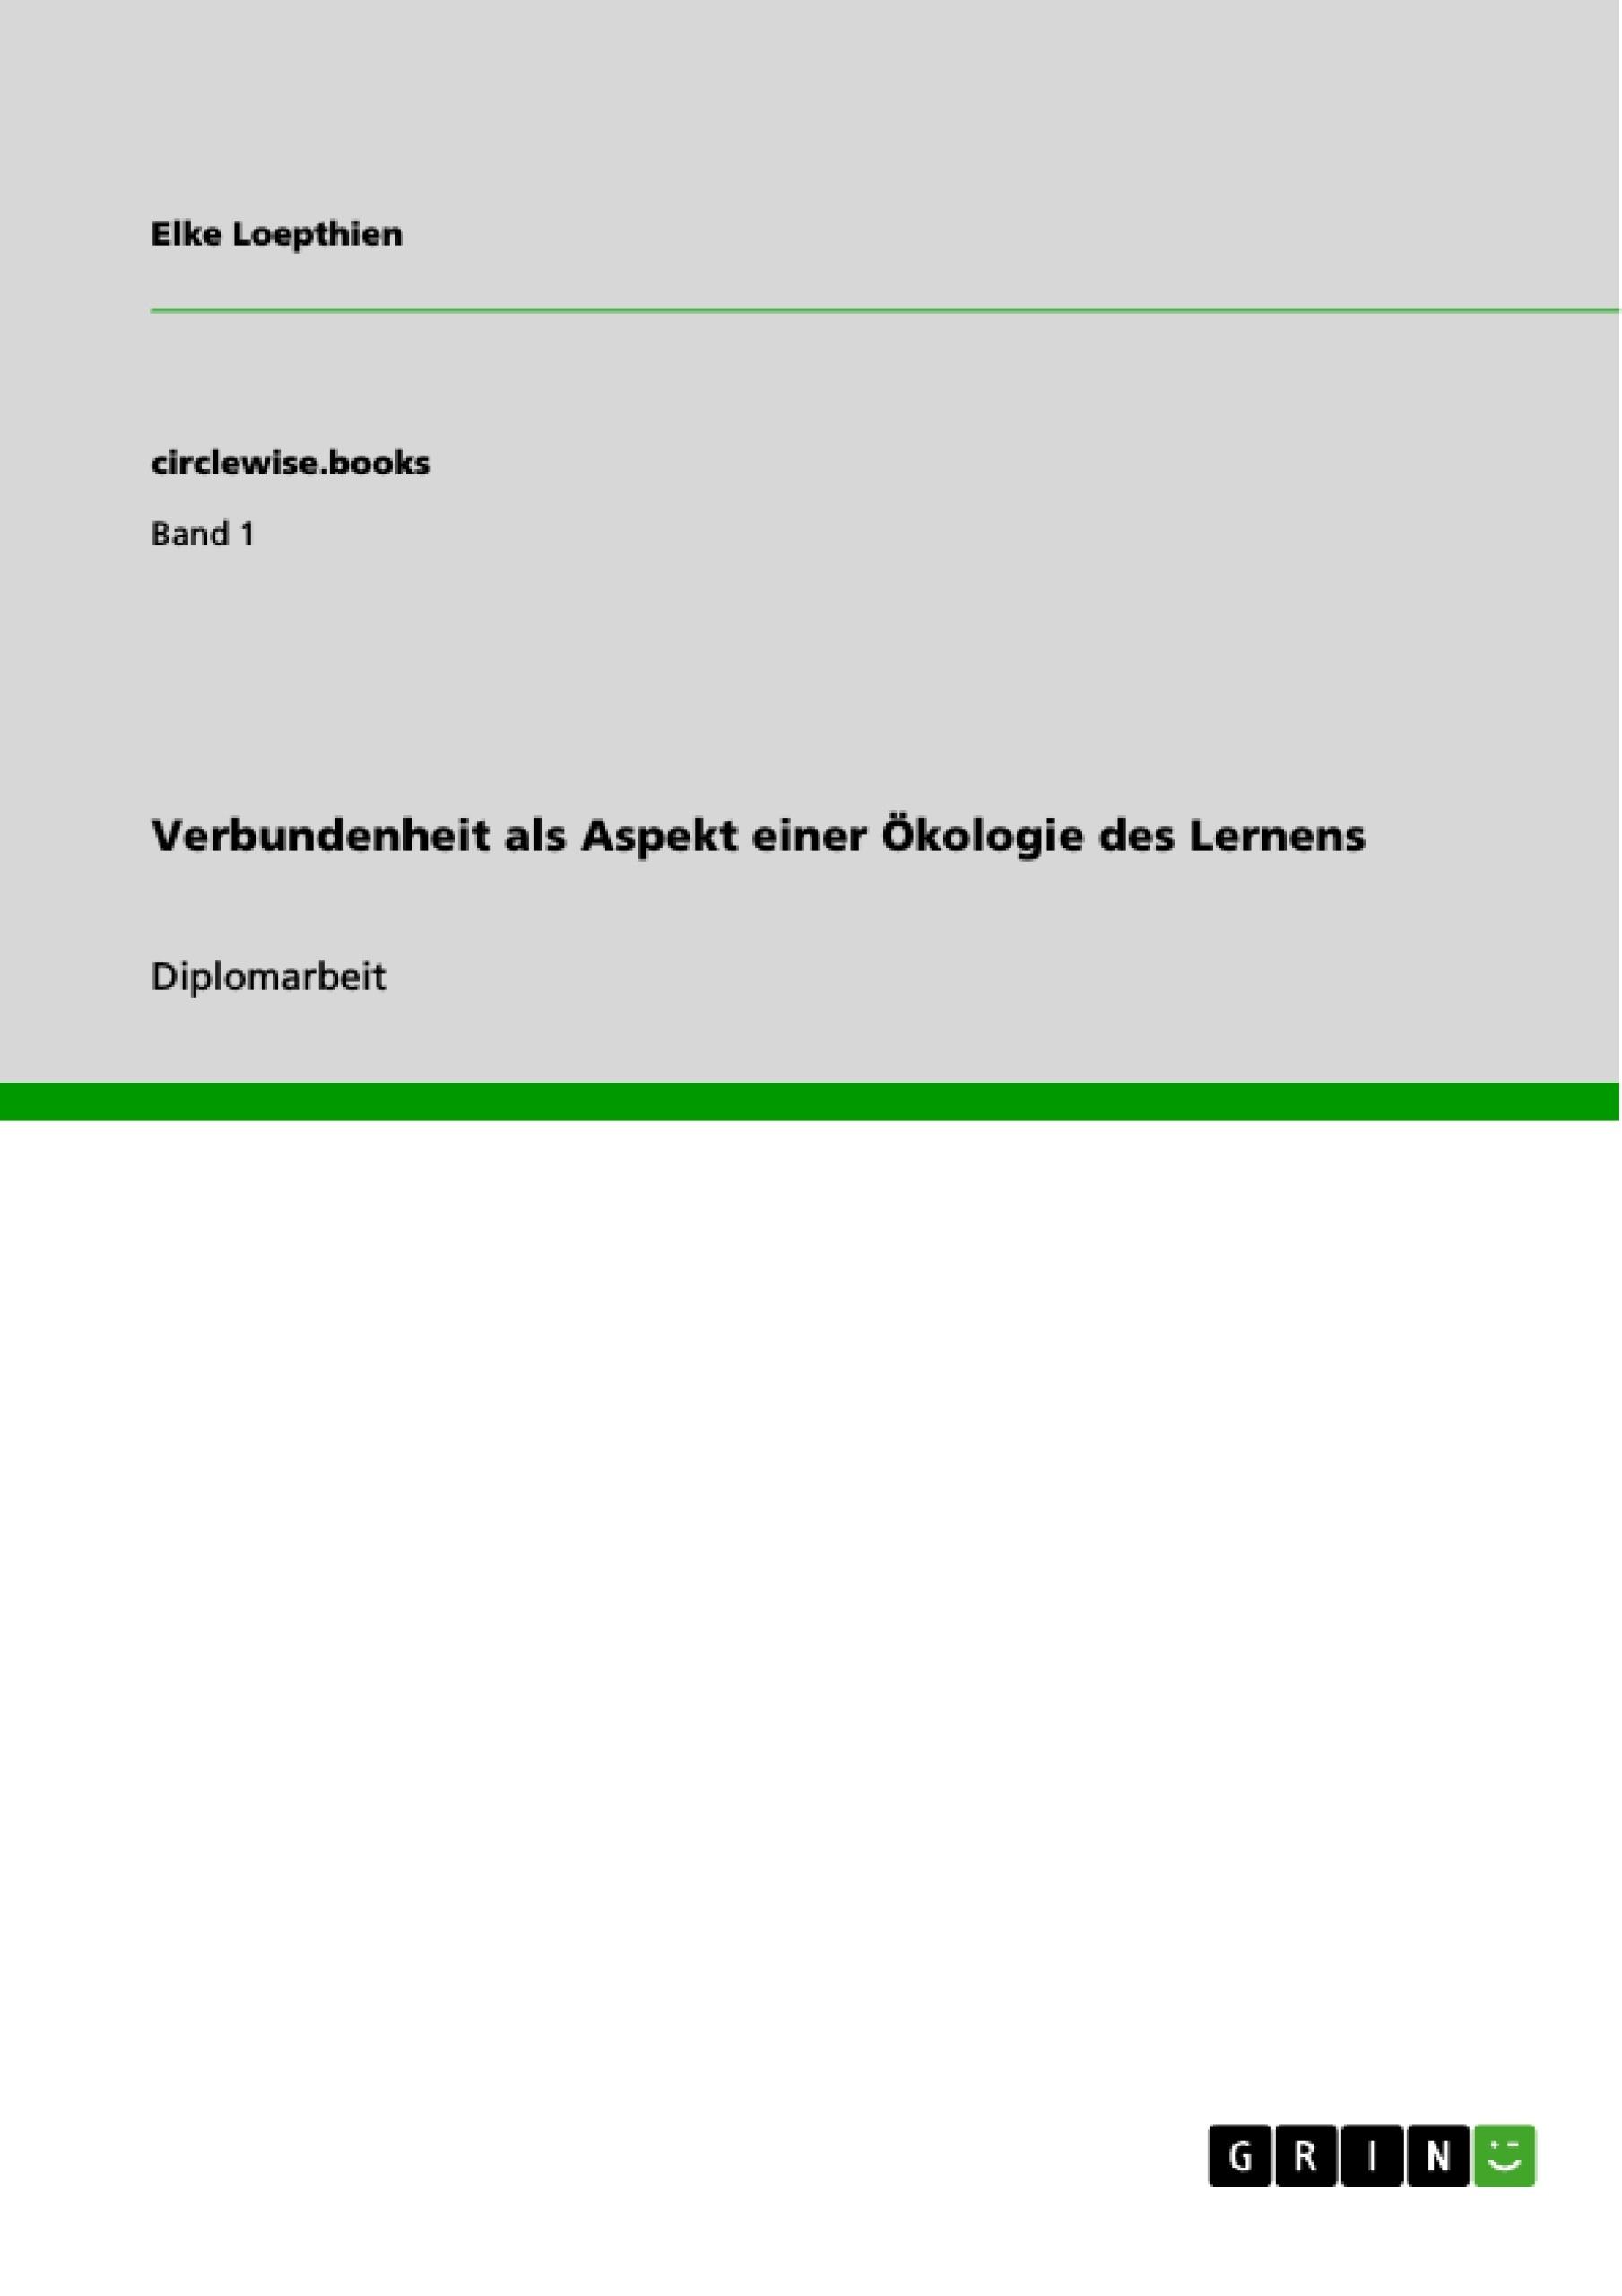 Titel: Verbundenheit als Aspekt einer Ökologie des Lernens